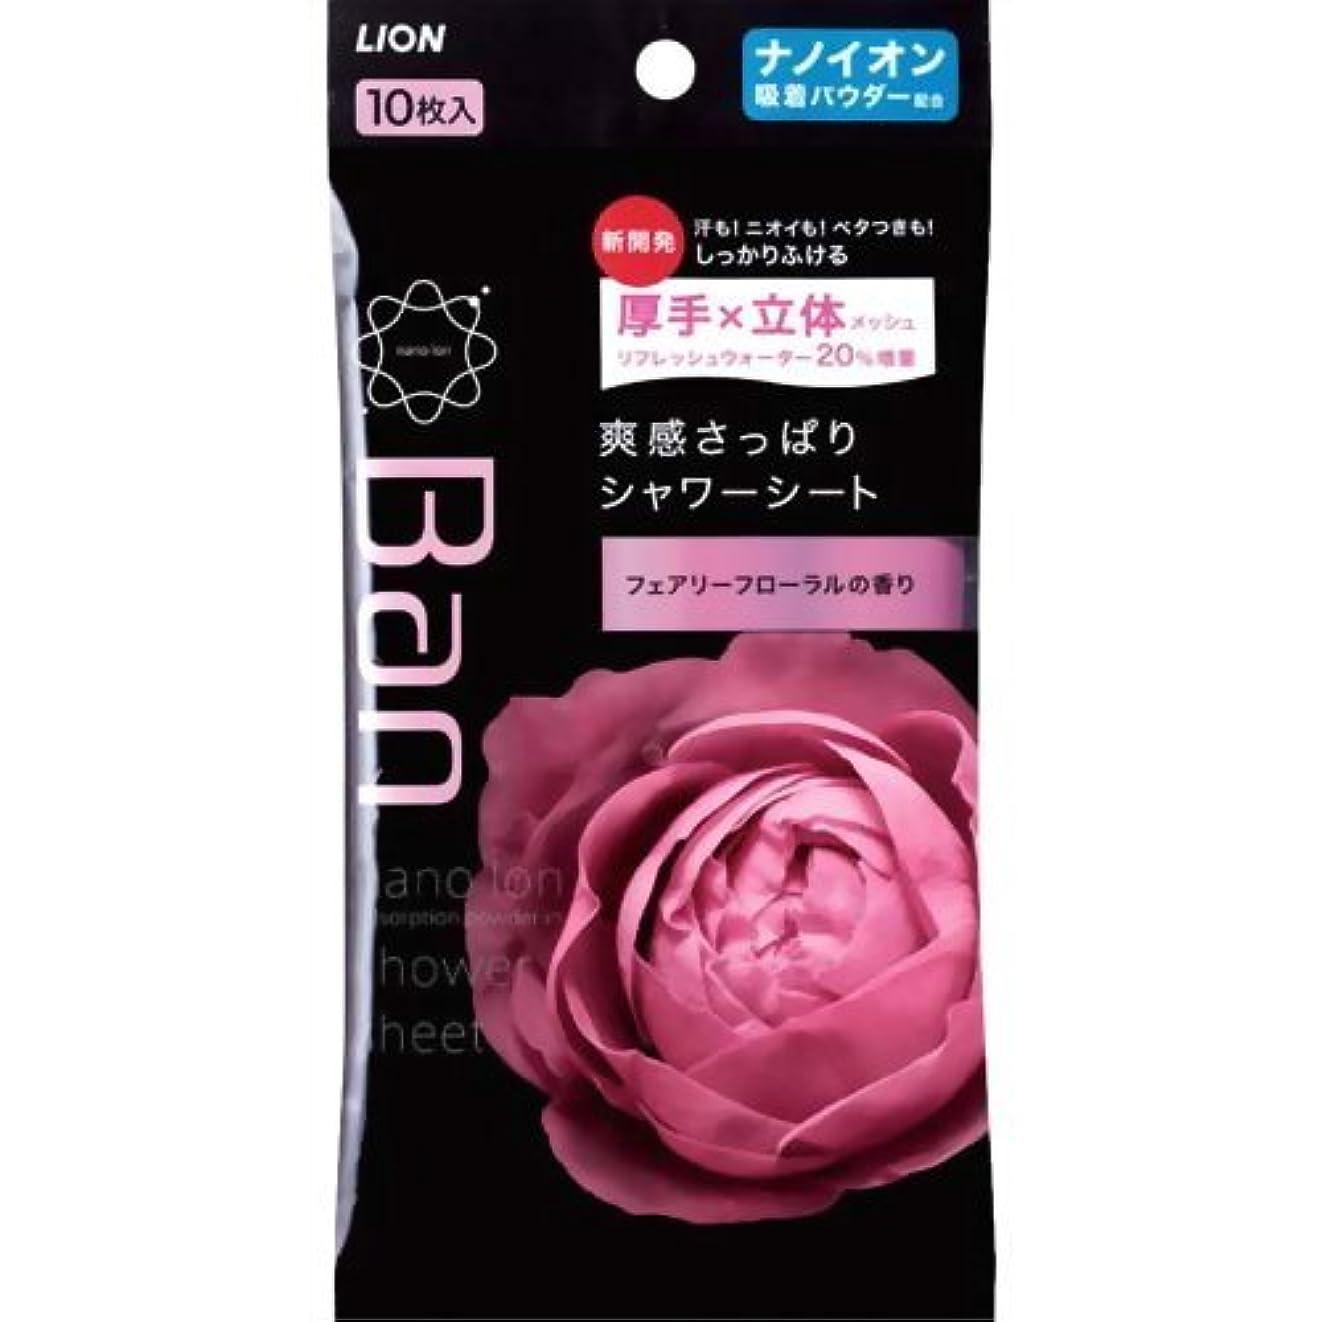 メイドパネル地域のBan 爽快さっぱりシャワーシート (フェアリーフローラルの香り) 10枚入 ×10個セット